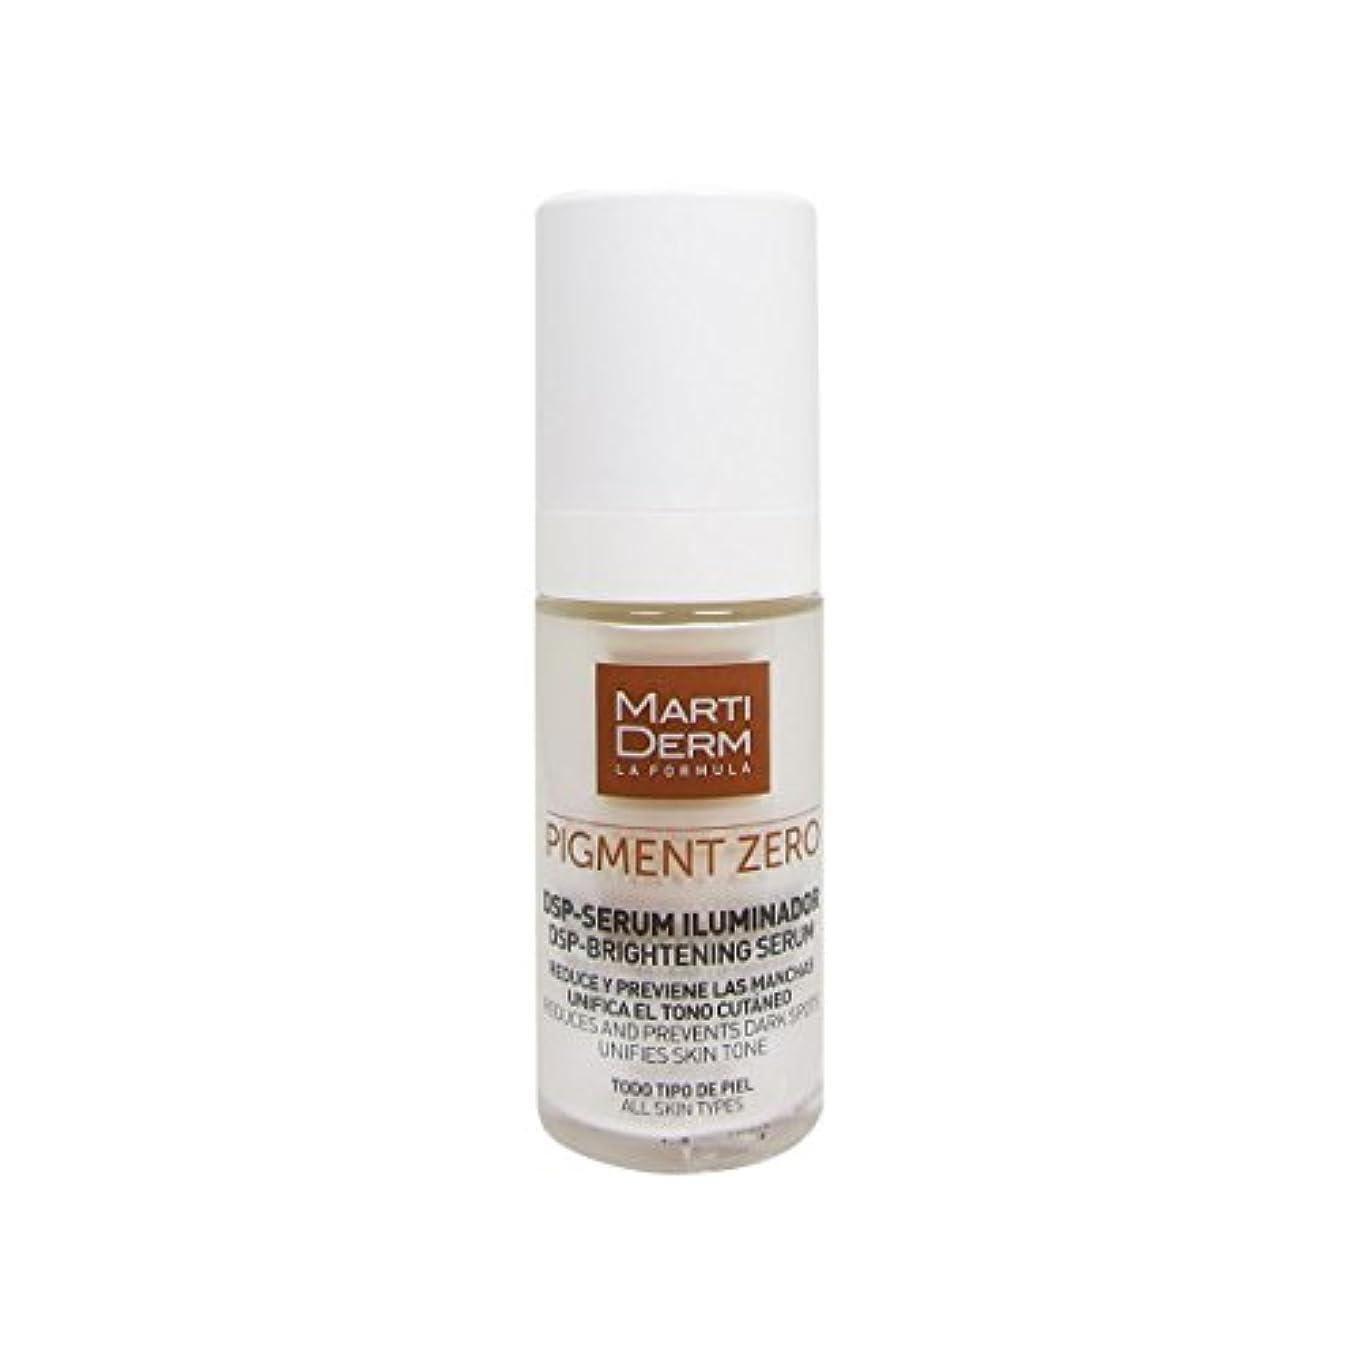 注目すべき人事たらいMartiderm Pigment Zero Dsp-brightening Serum 30ml [並行輸入品]